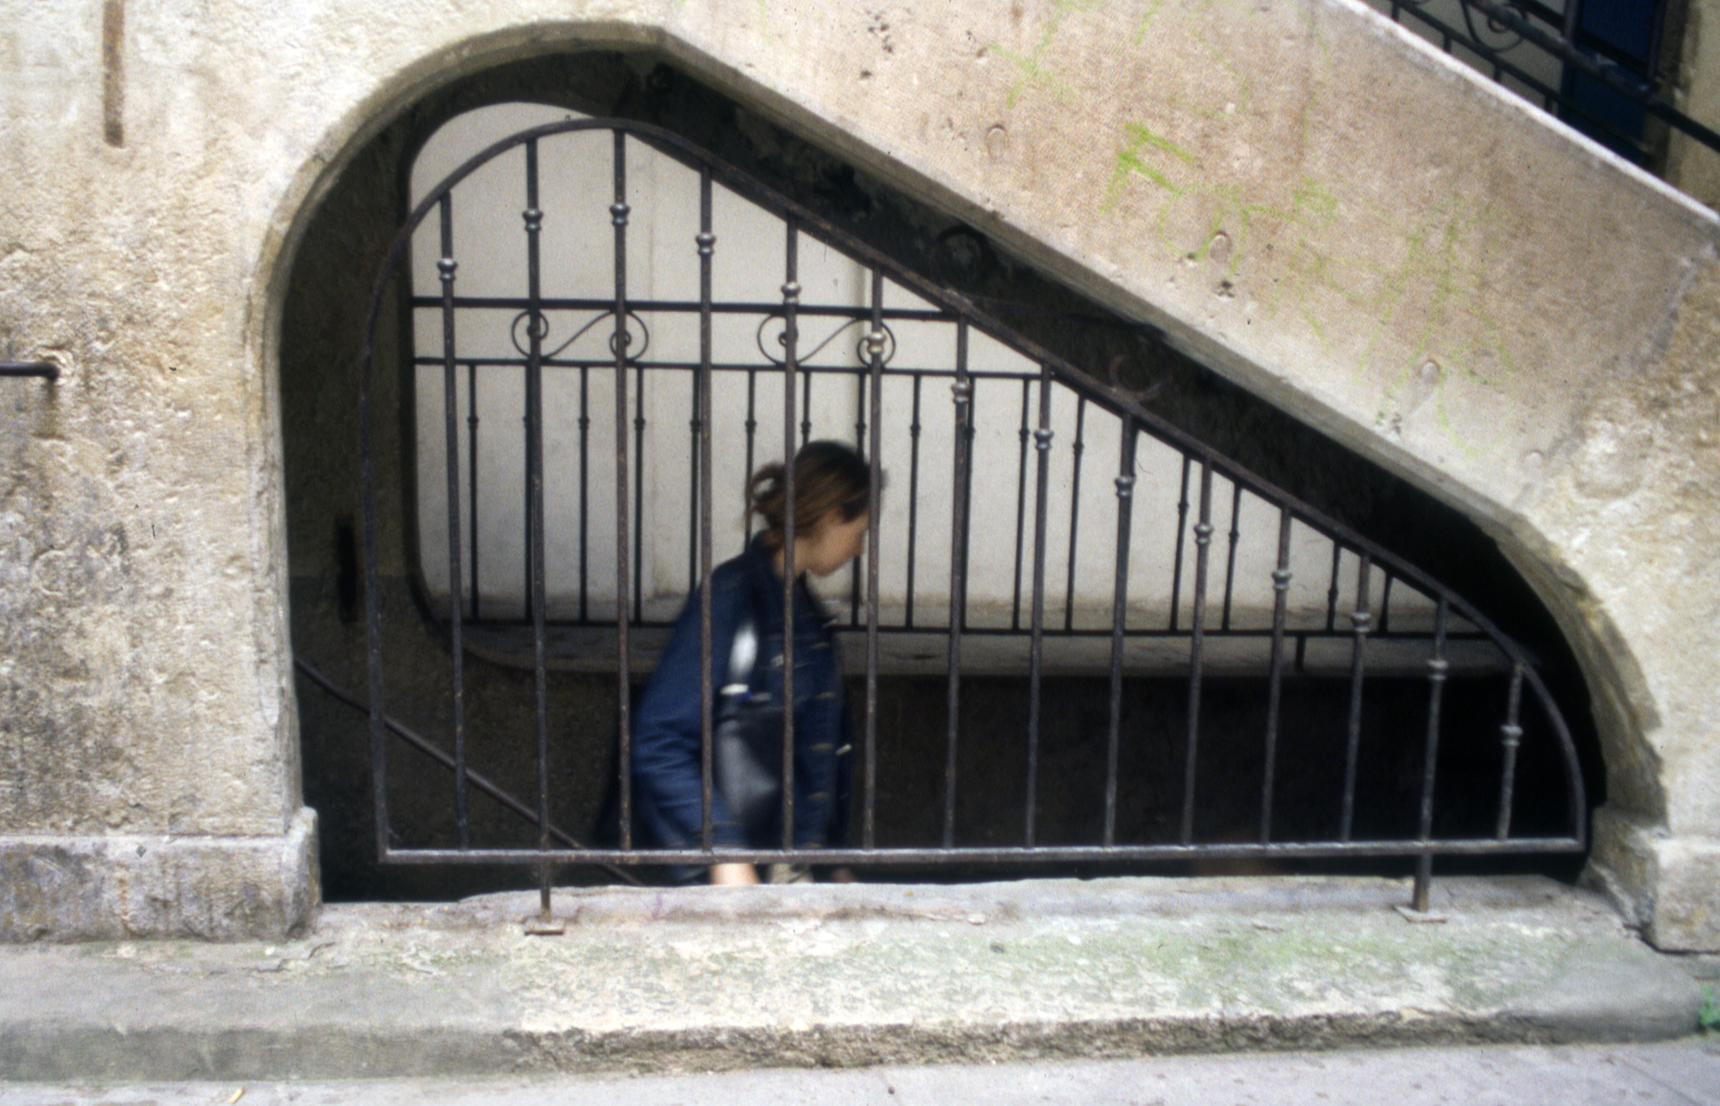 Stairway, Avignon, France.jpg